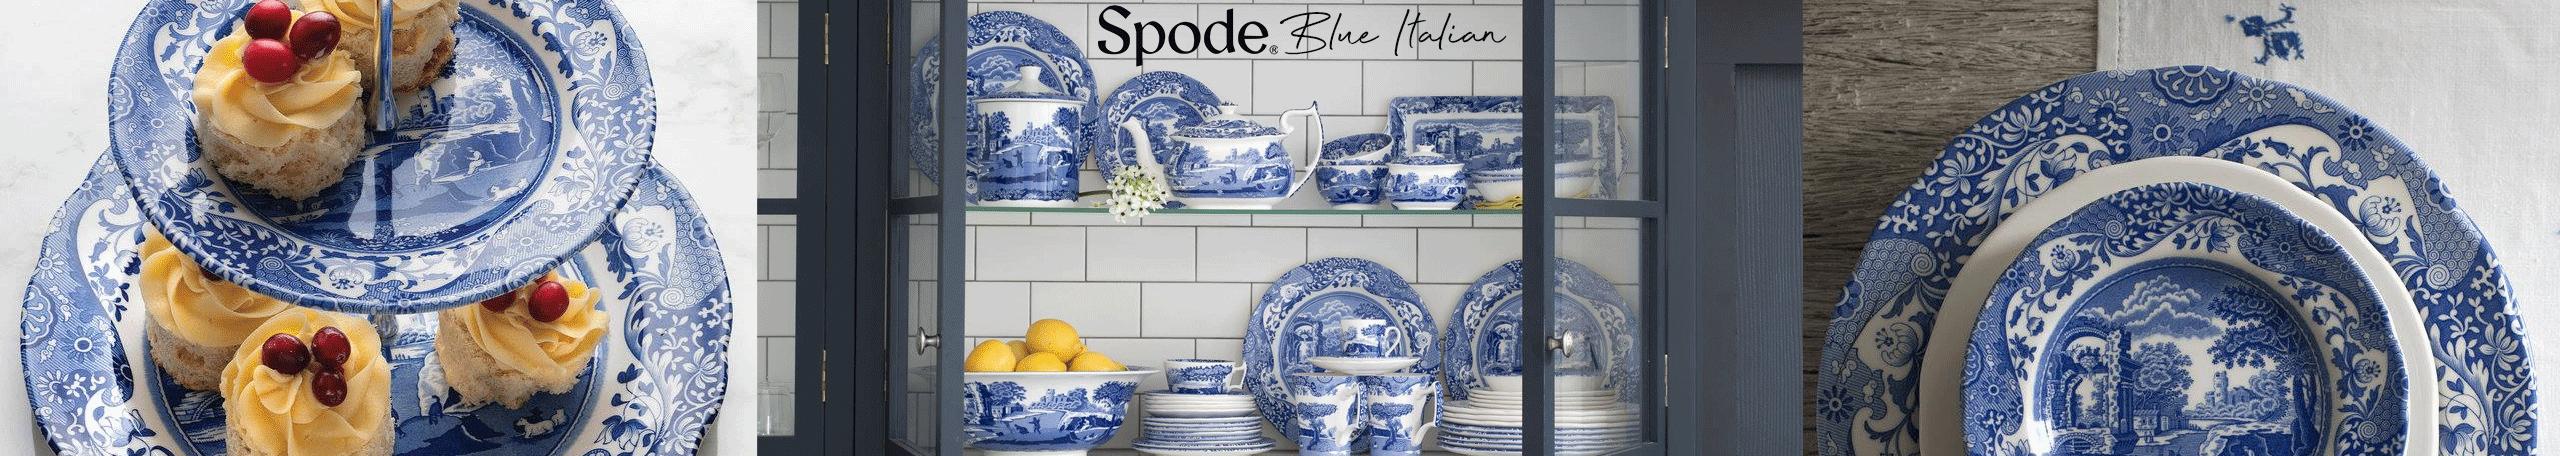 Spode Blue Italian